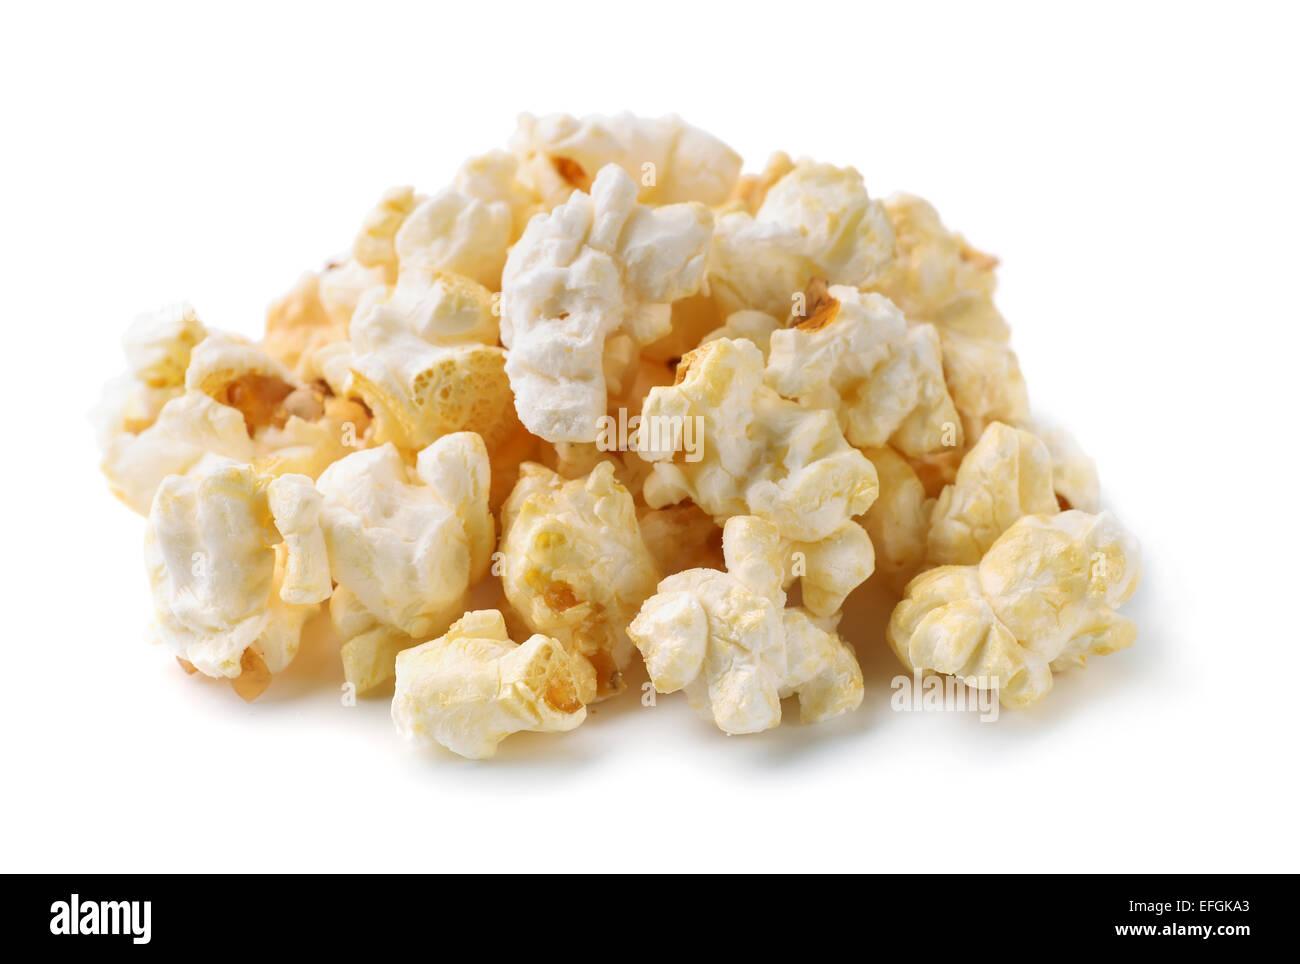 Heap of fresh popcorn isolated on white - Stock Image